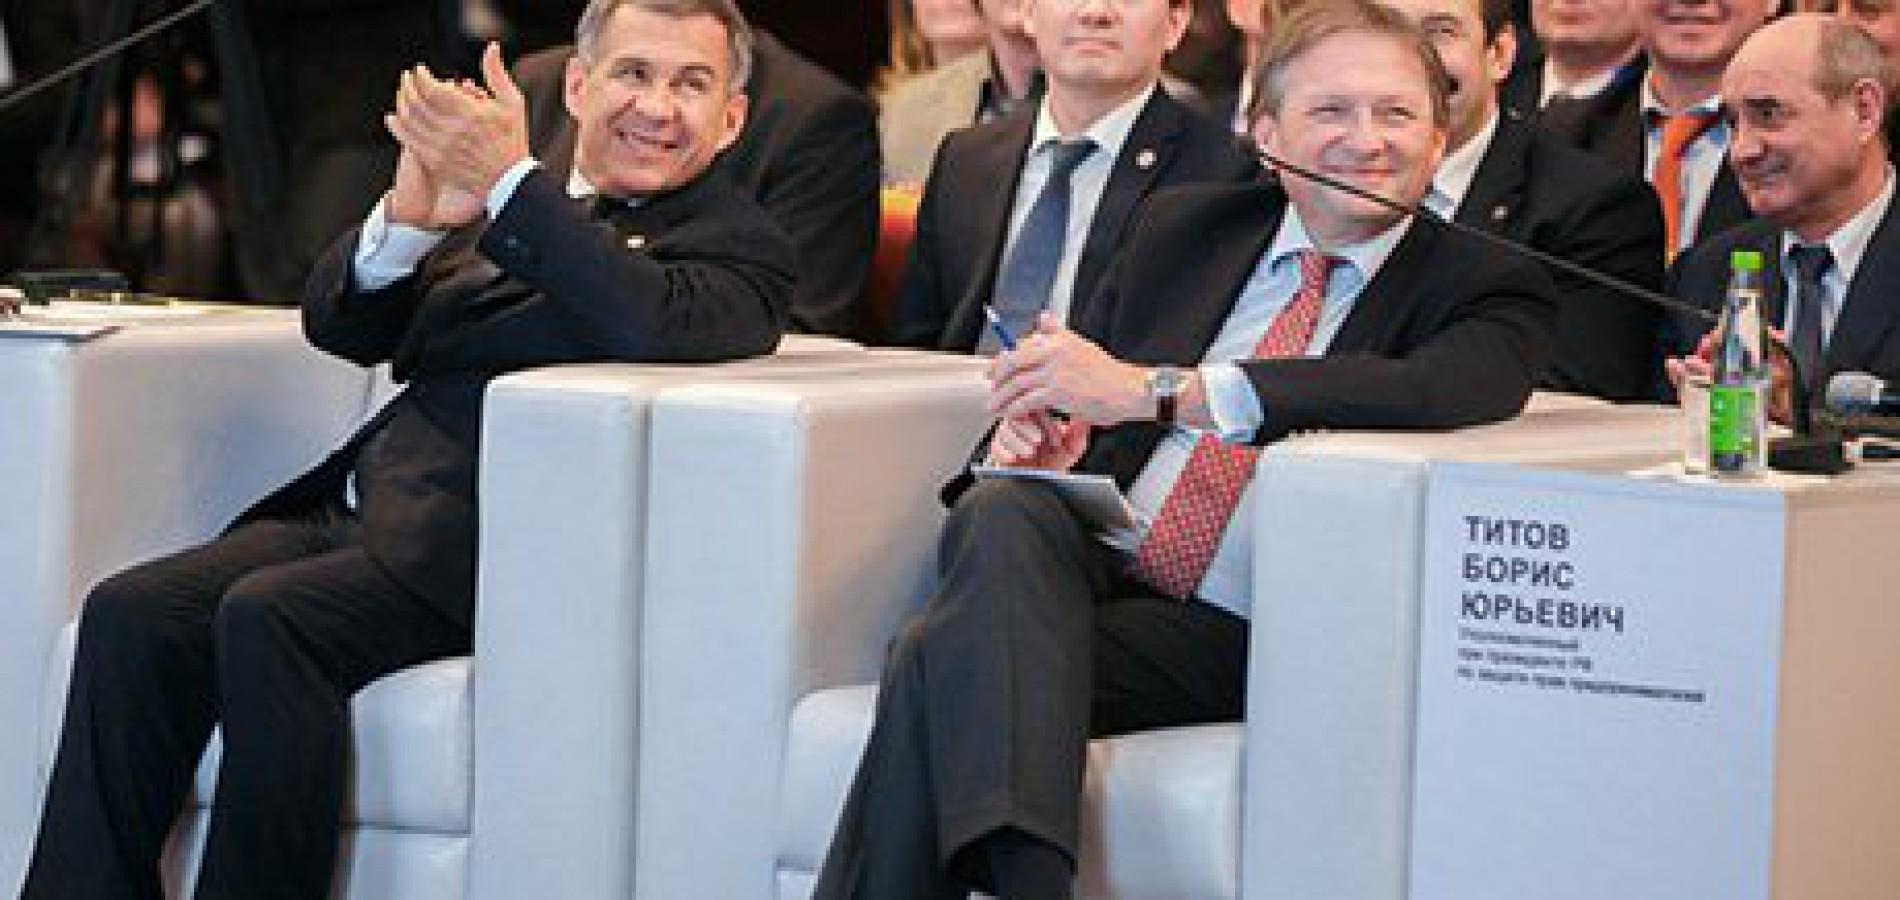 Борис Титов: «Мы никогда не согласимся, что Запад – нам враг!»